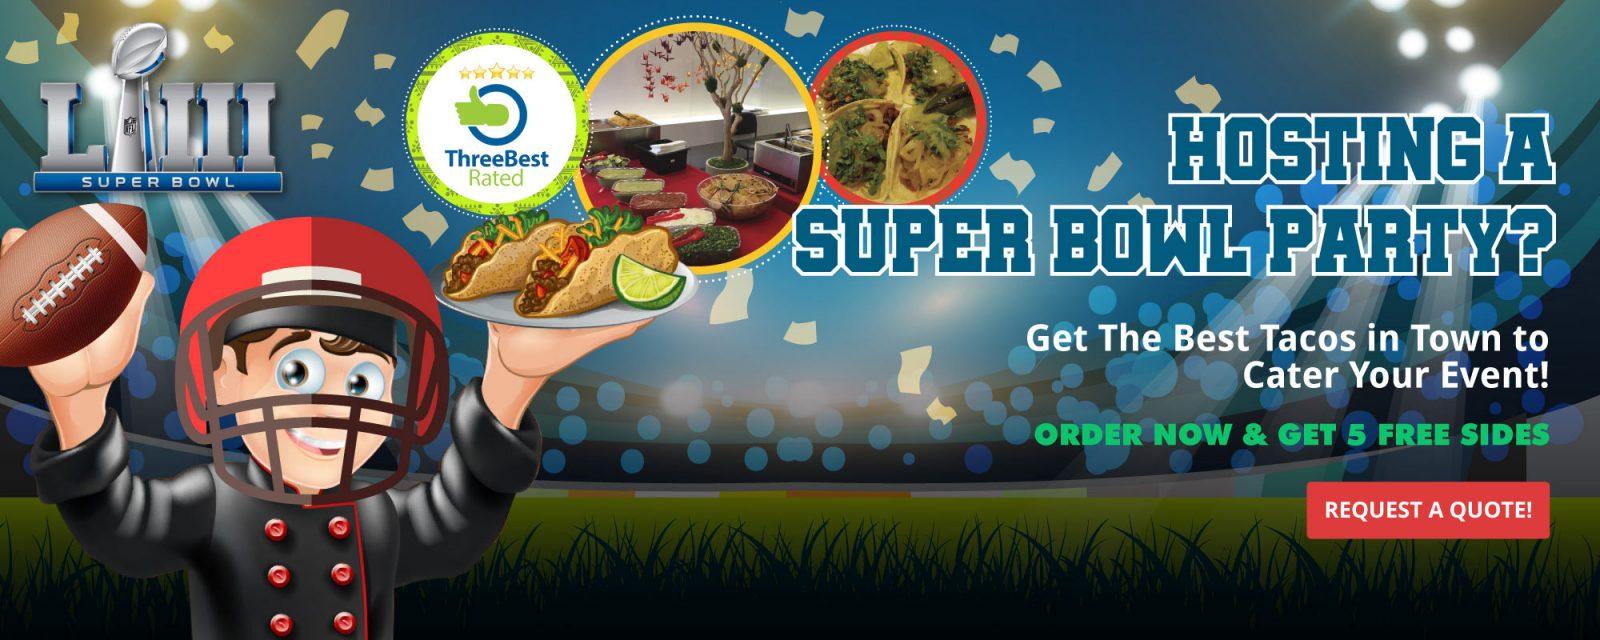 Taco-Guy-Super-Bowl-2000x800